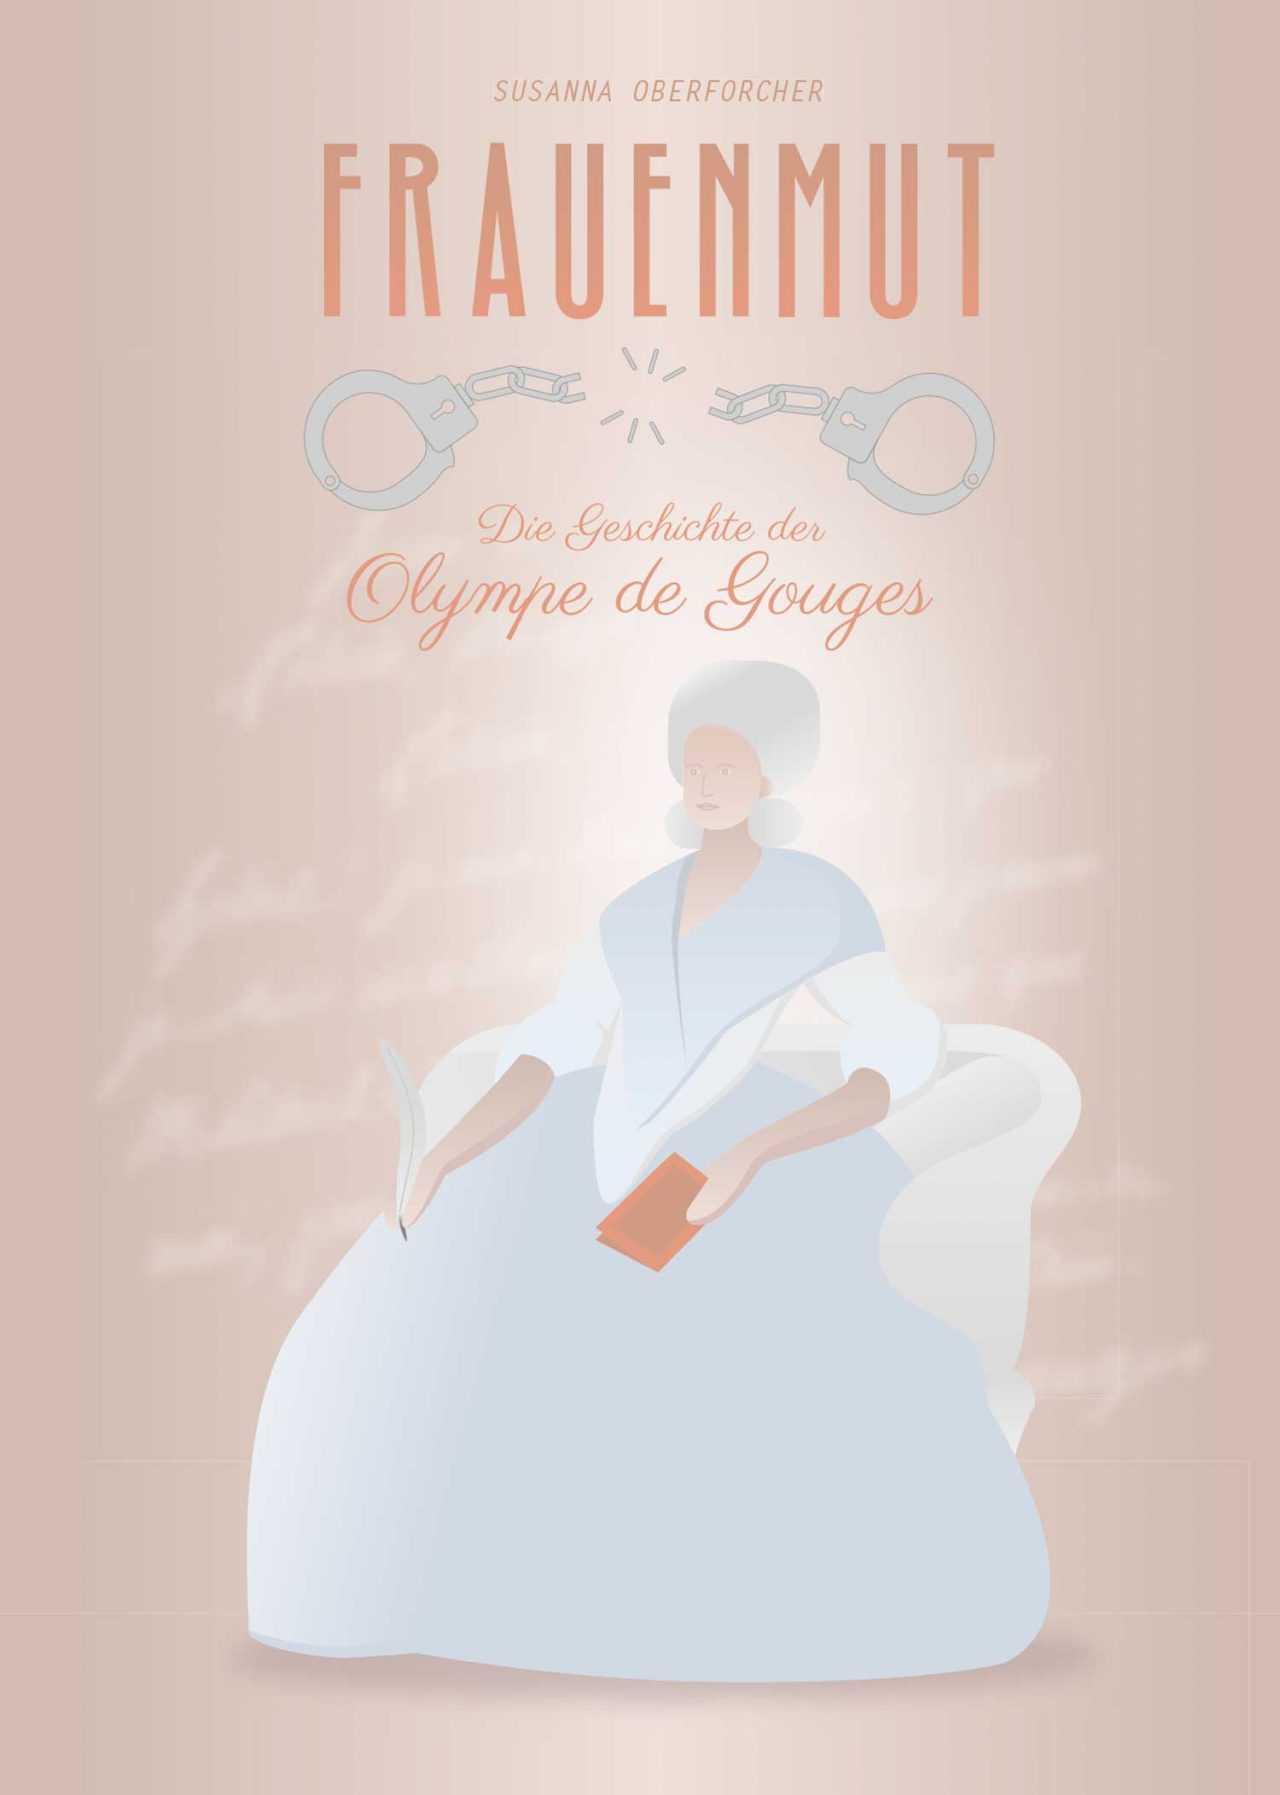 Cover Design - Frauenmut - Die Geschichte der Olympe de Gouges